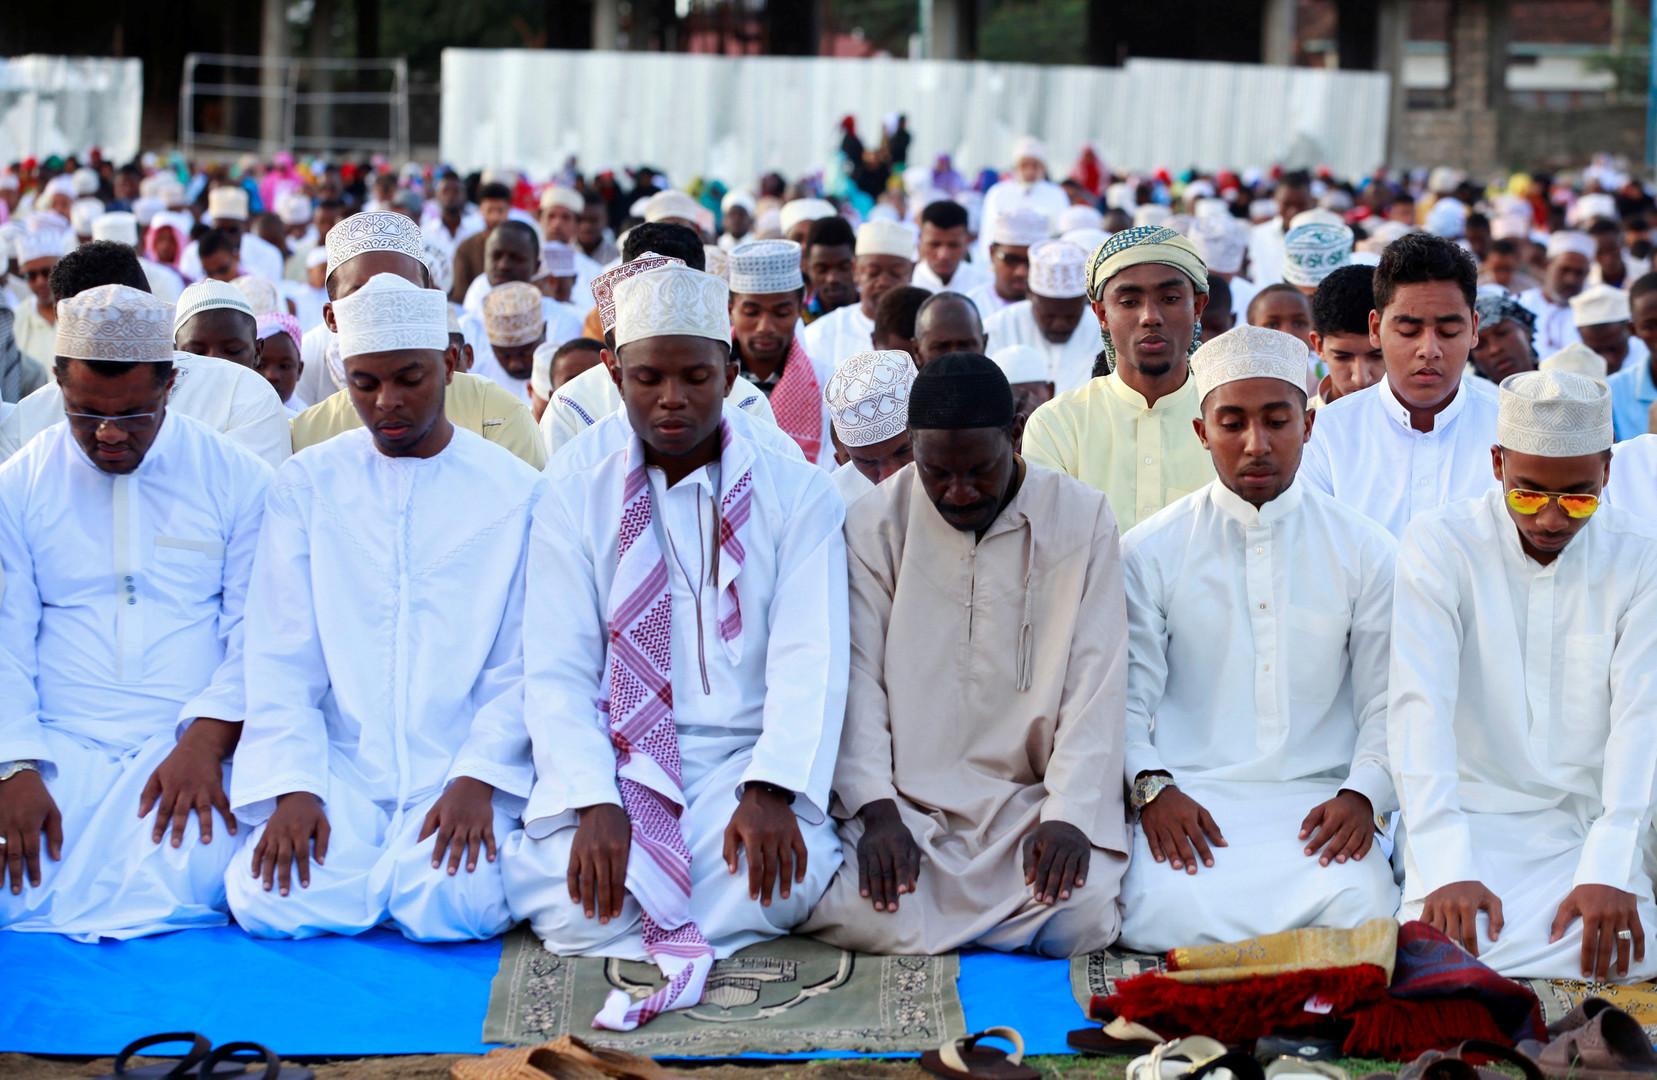 Les musulmans du monde entier célèbrent l'Aïd el-Kébir (IMAGES, VIDEOS)